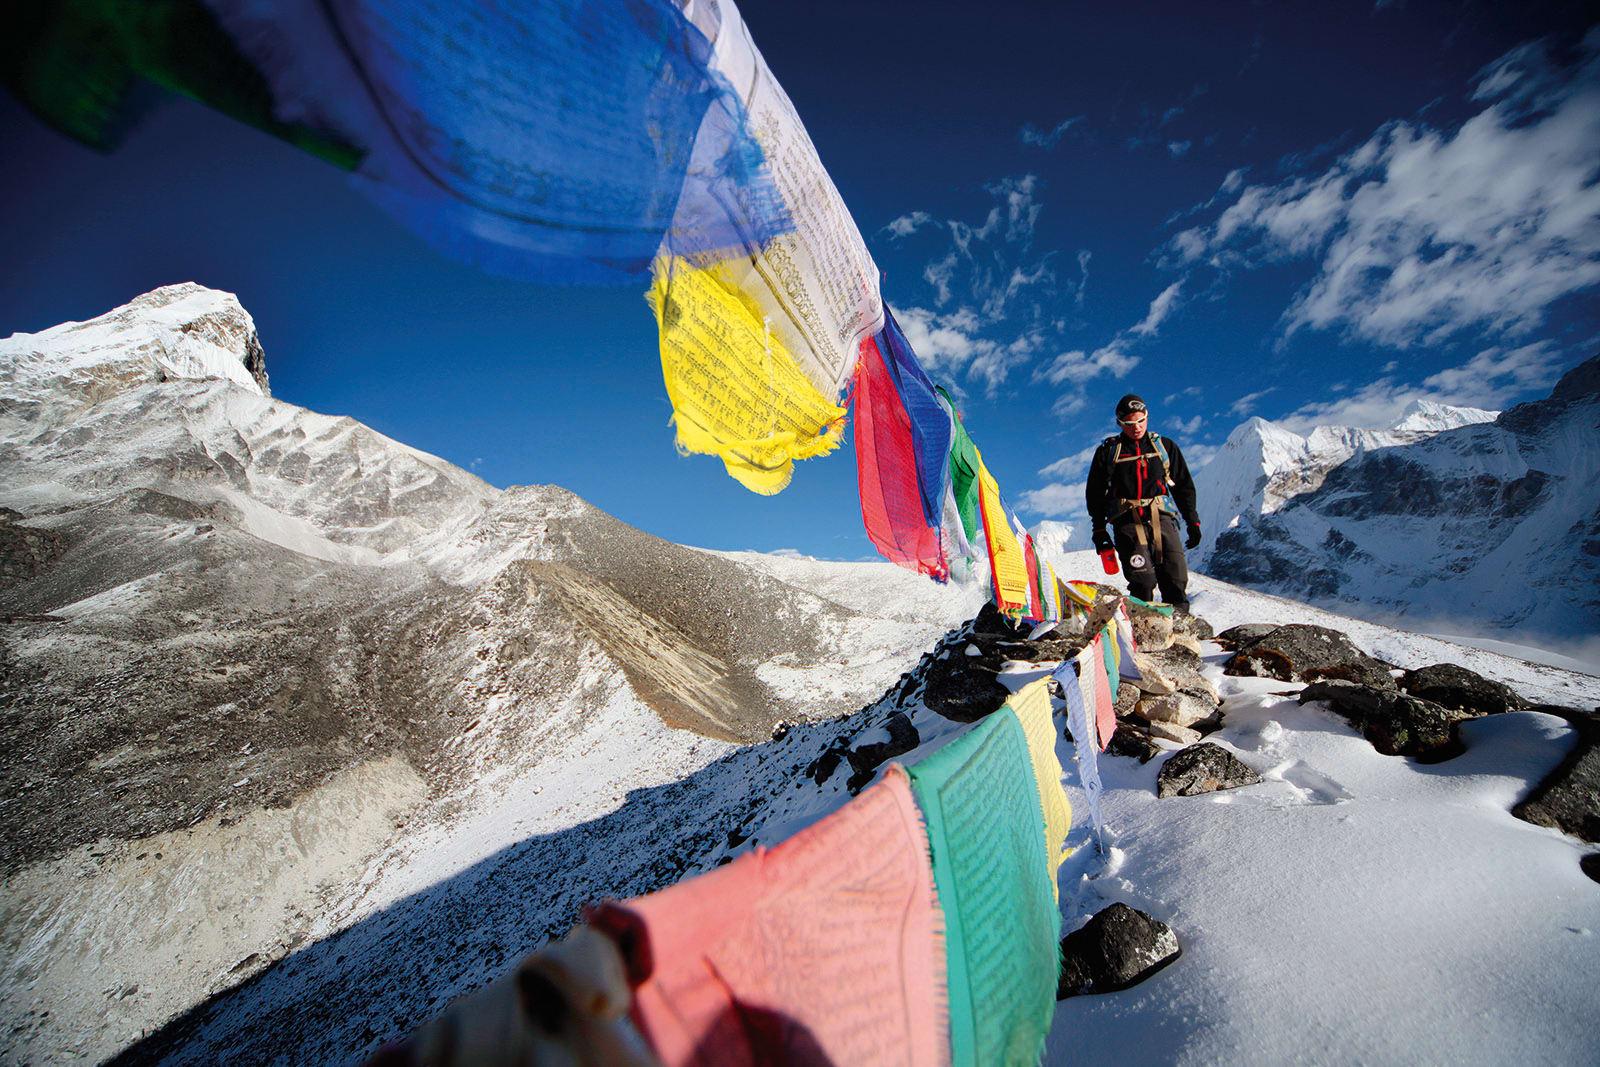 Flaggdag: Buddhistiske bønneflagg blafrer forsiktig, og sender sine bønner ut med vinden. Sondre Helgesen er på vei til Camp 1 etter akklimatiseringstur. Foto: Matti Bernitz